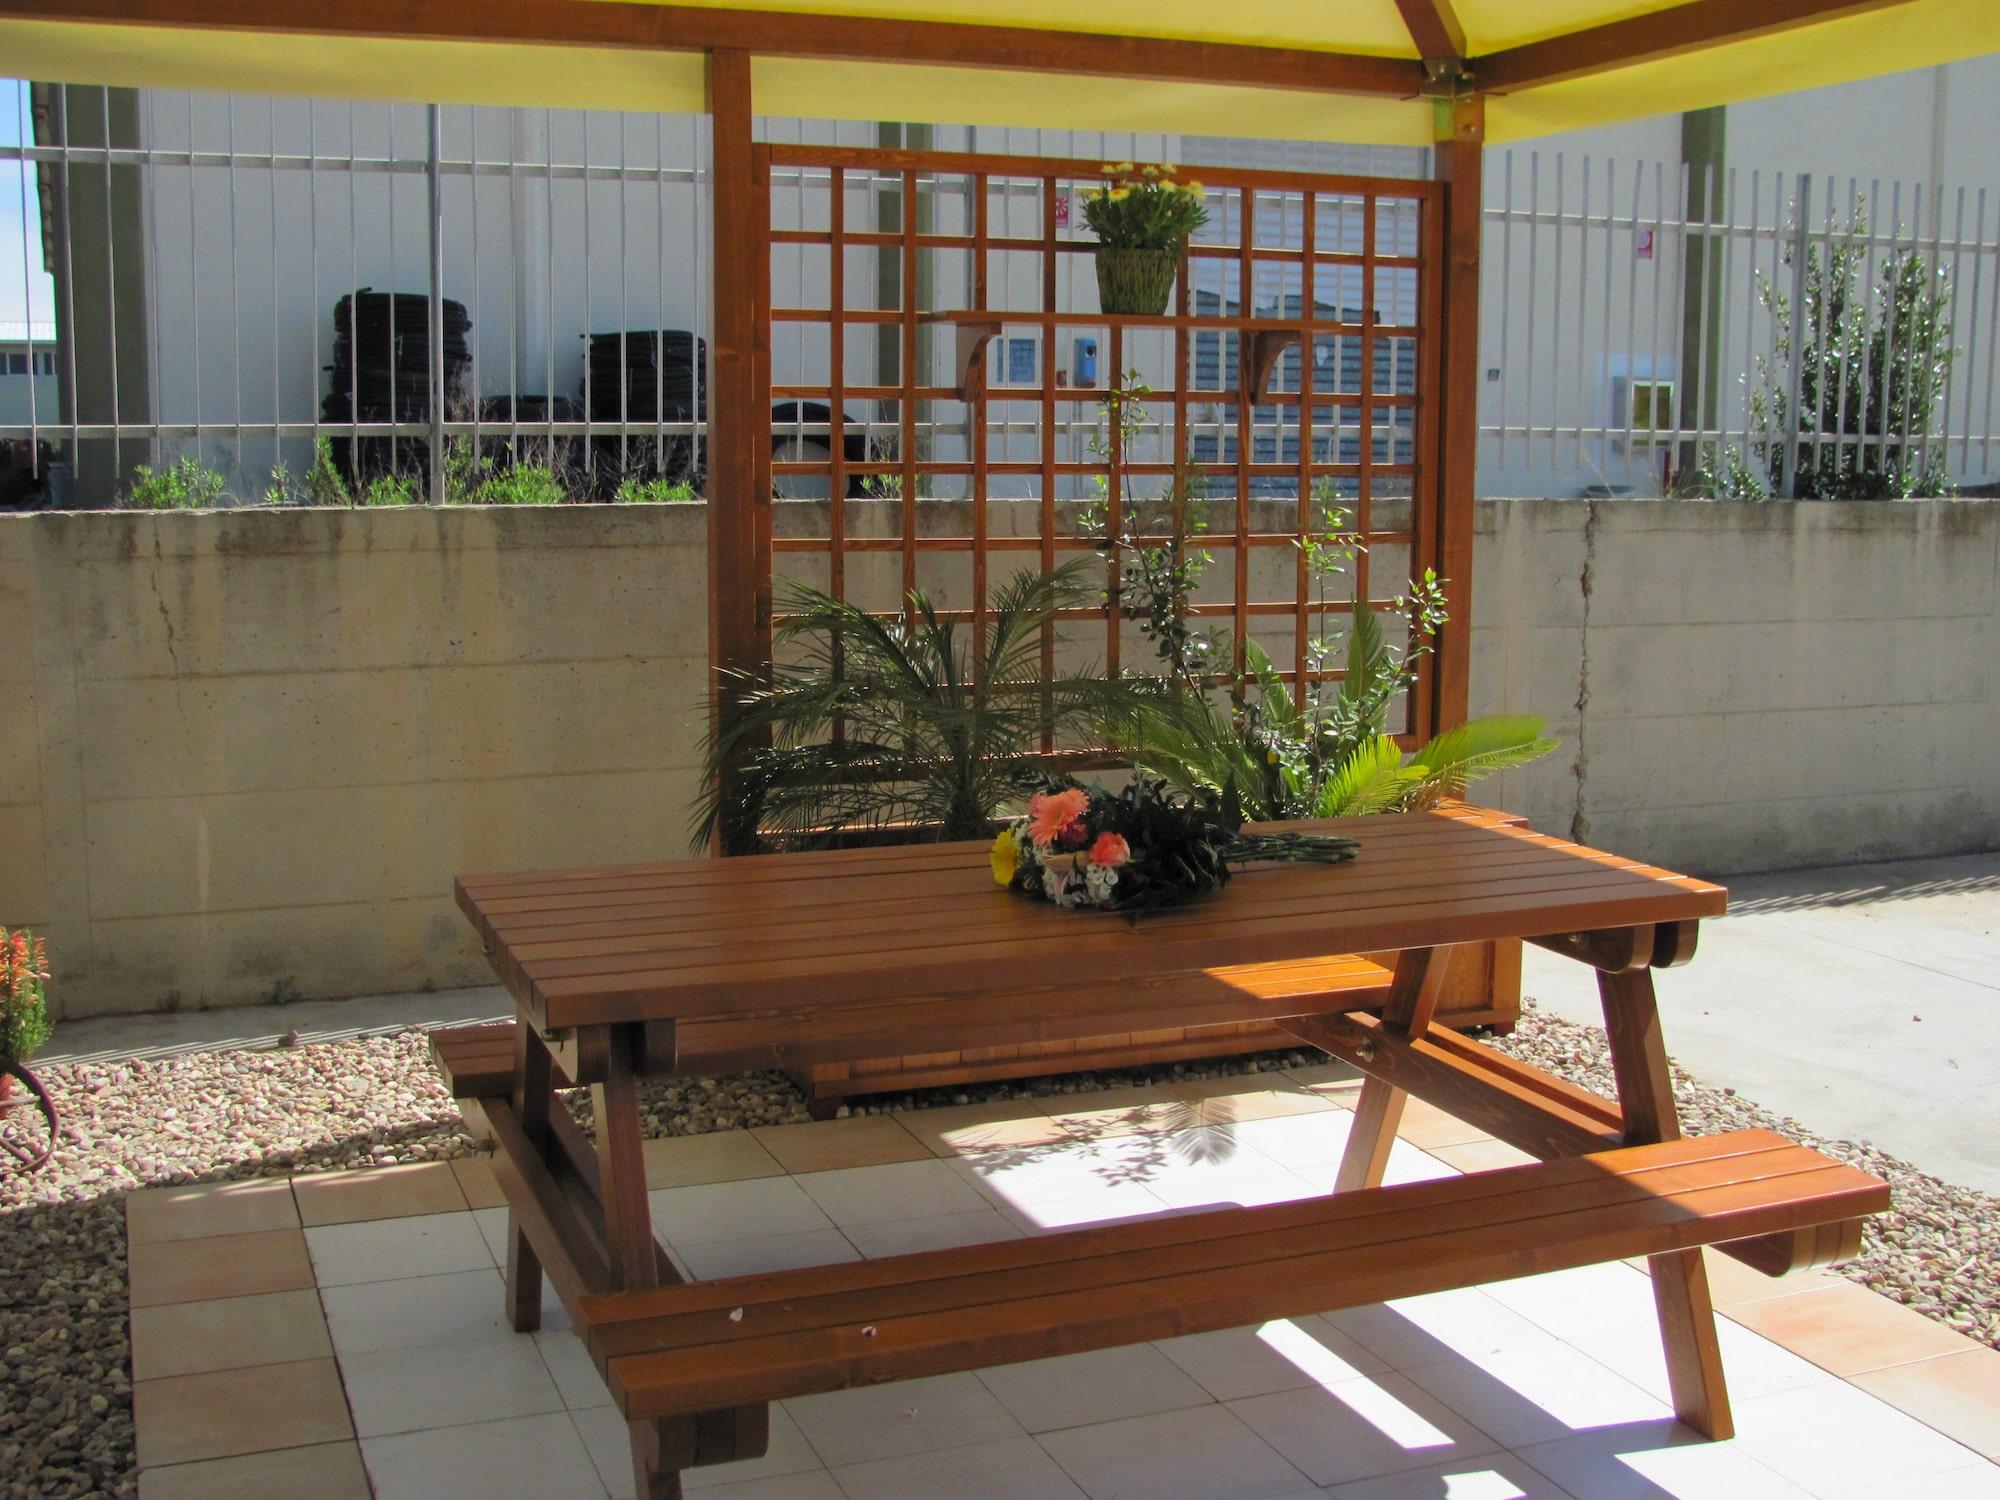 Tavolo con panca in legno massello abete verniciato e gazebo